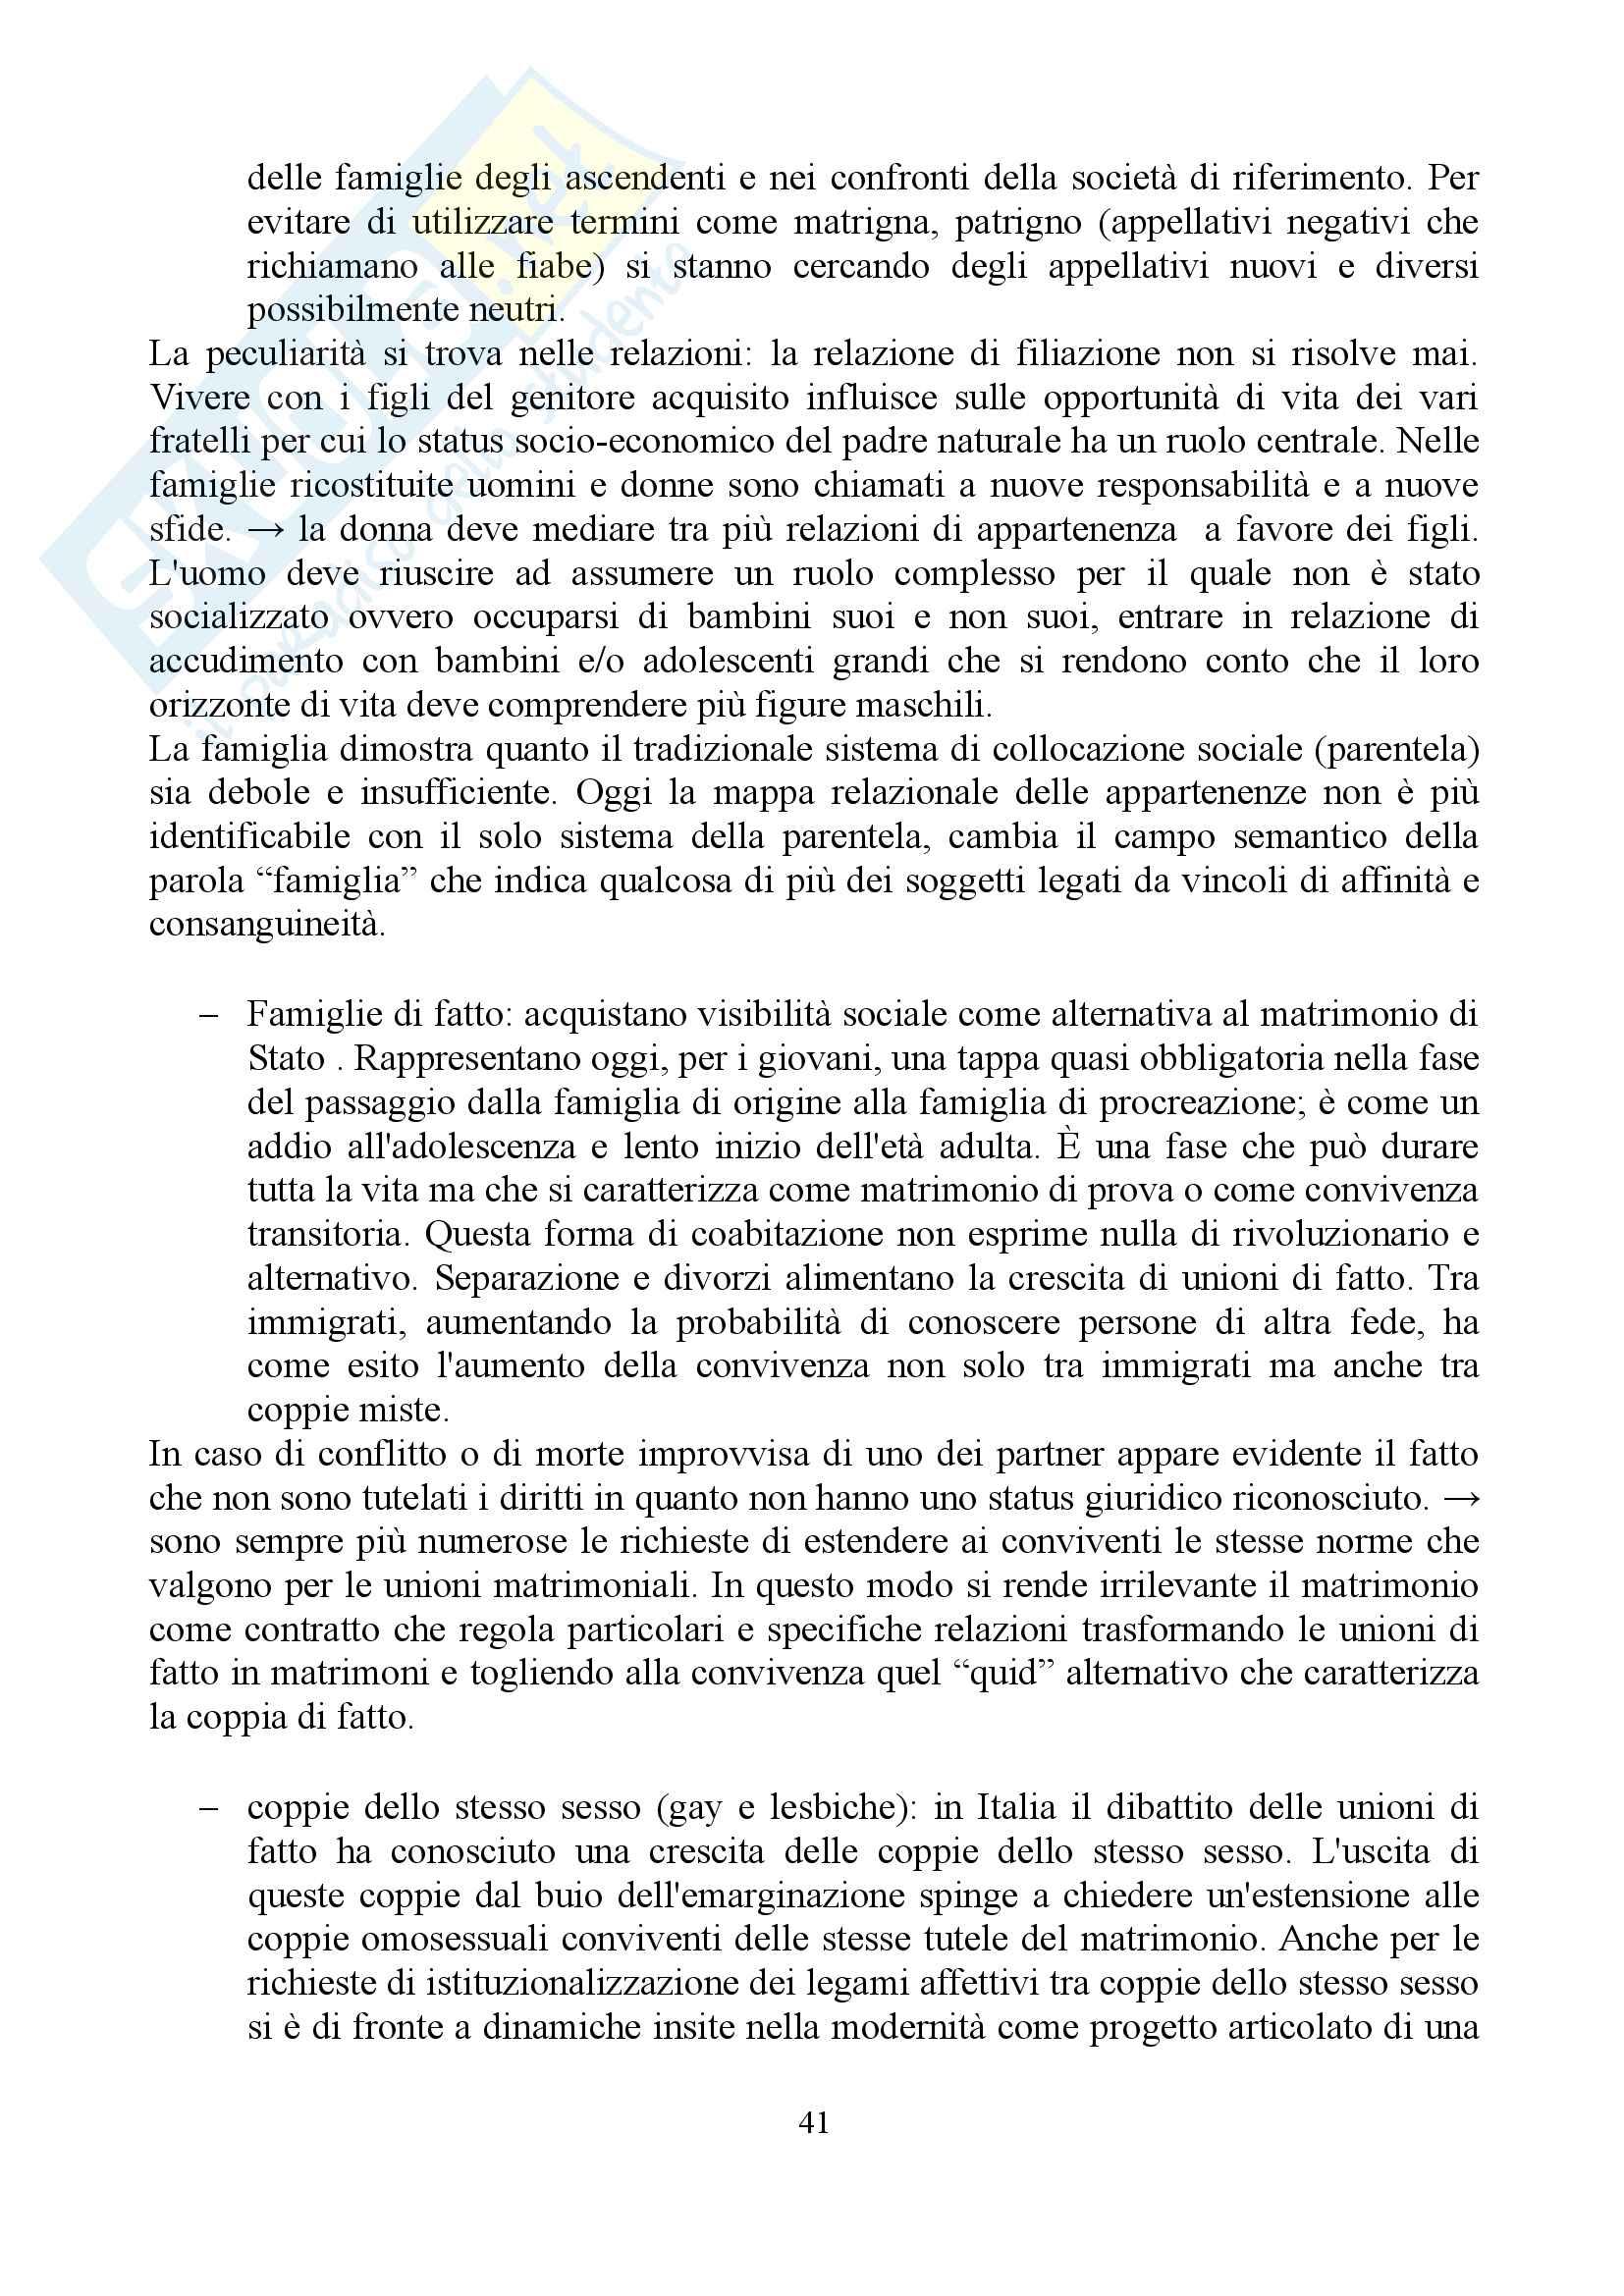 """Sunto di sociologia della famiglia, docente Diego Mesa, libro consigliato """"famiglia sostantivo plurale"""", Paola Di Nicola) Pag. 41"""